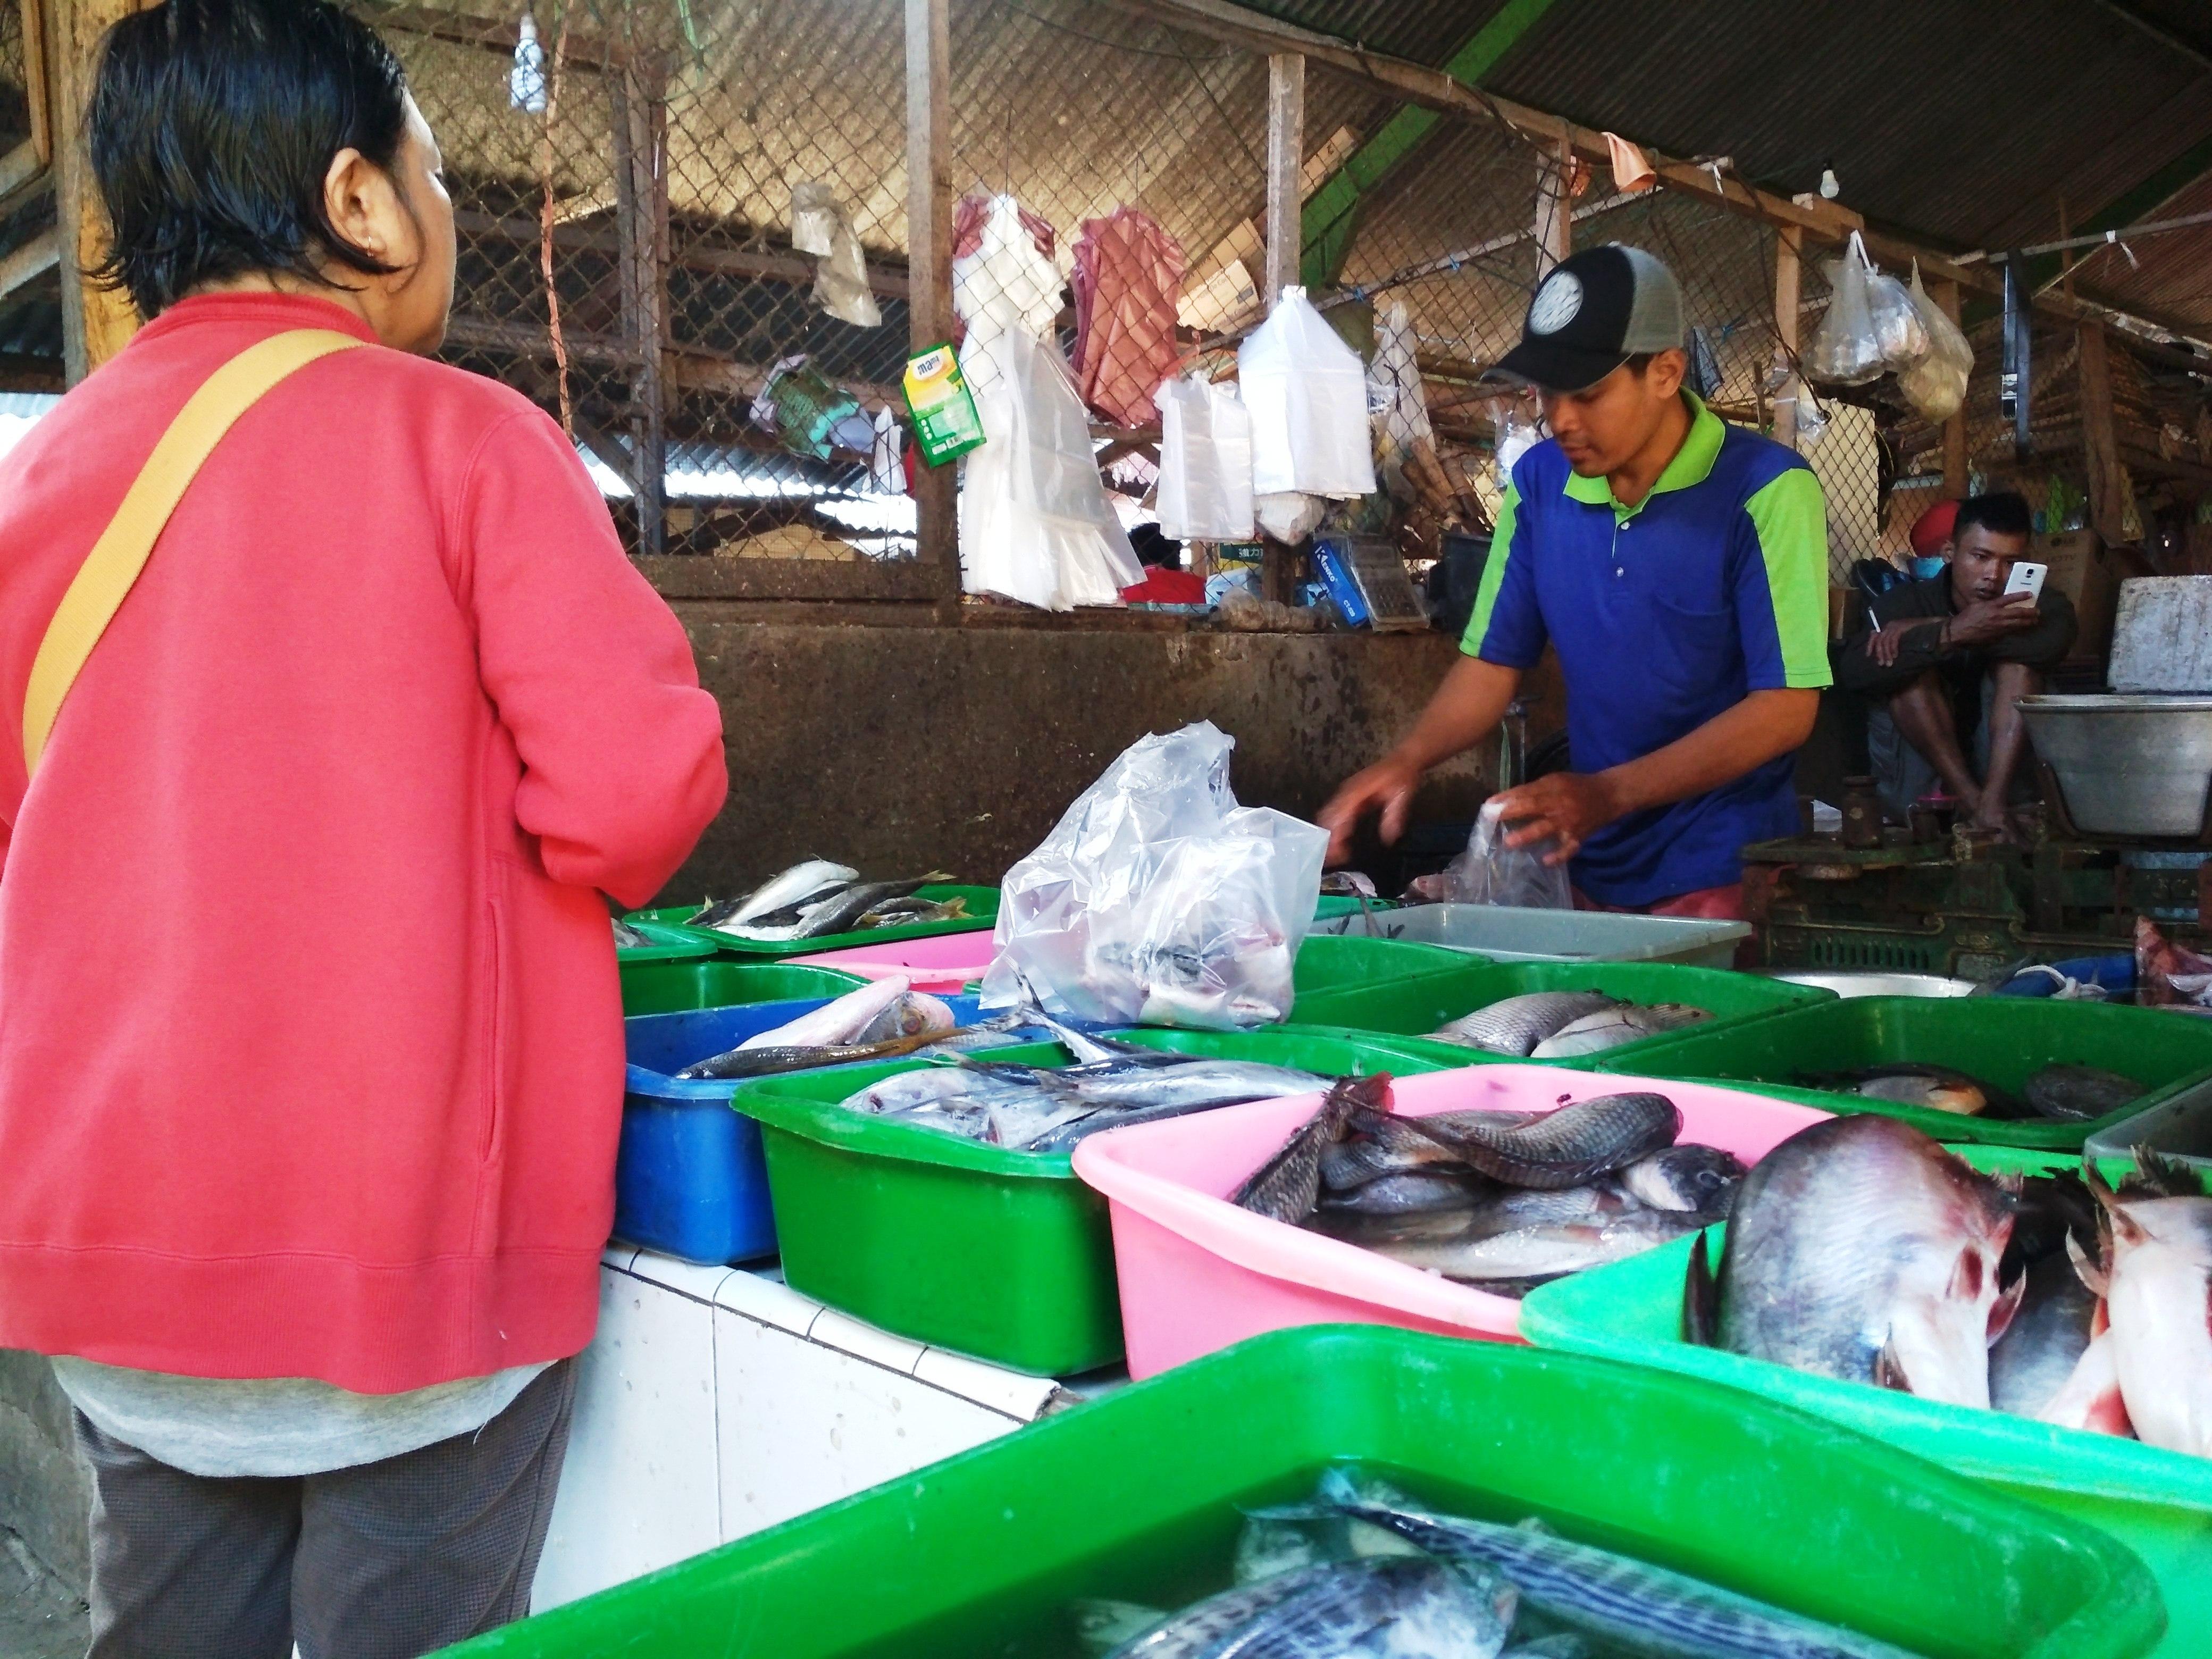 Cuaca Buruk, Harga Ikan Melambung